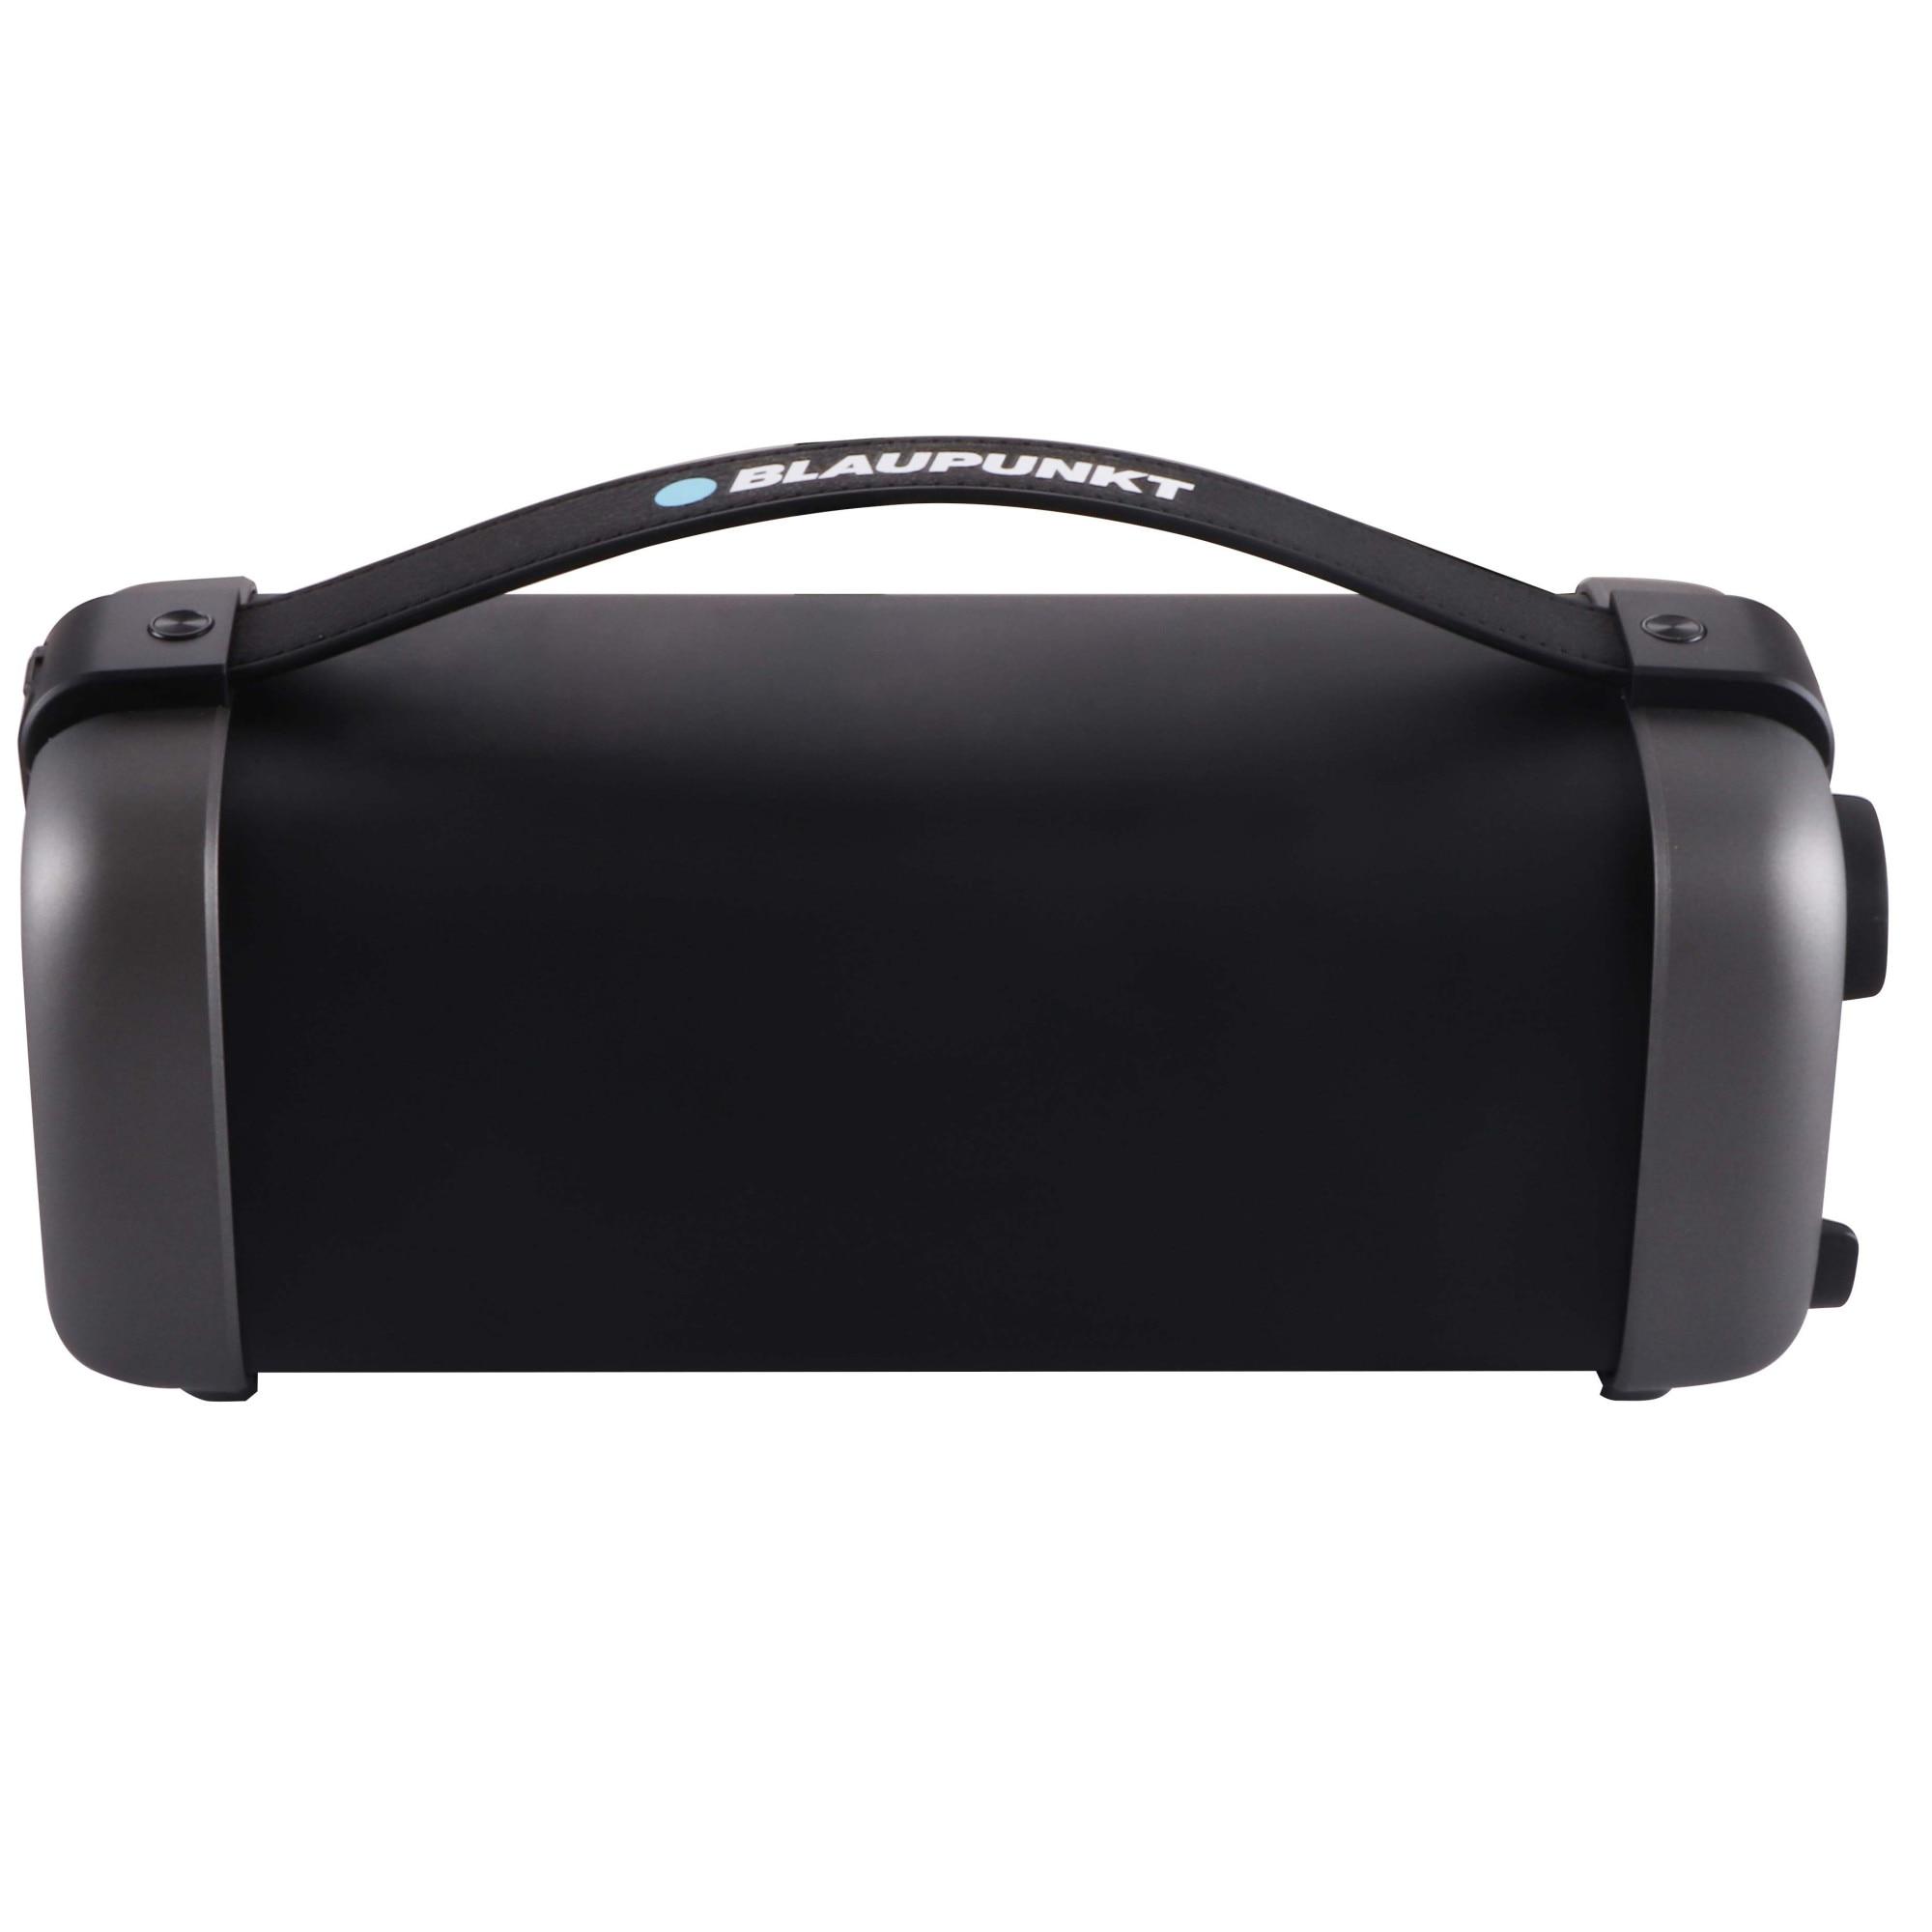 Fotografie Boxa portabila Blaupunkt BT40BB, FM, SD, USB, USB, AUX, negru